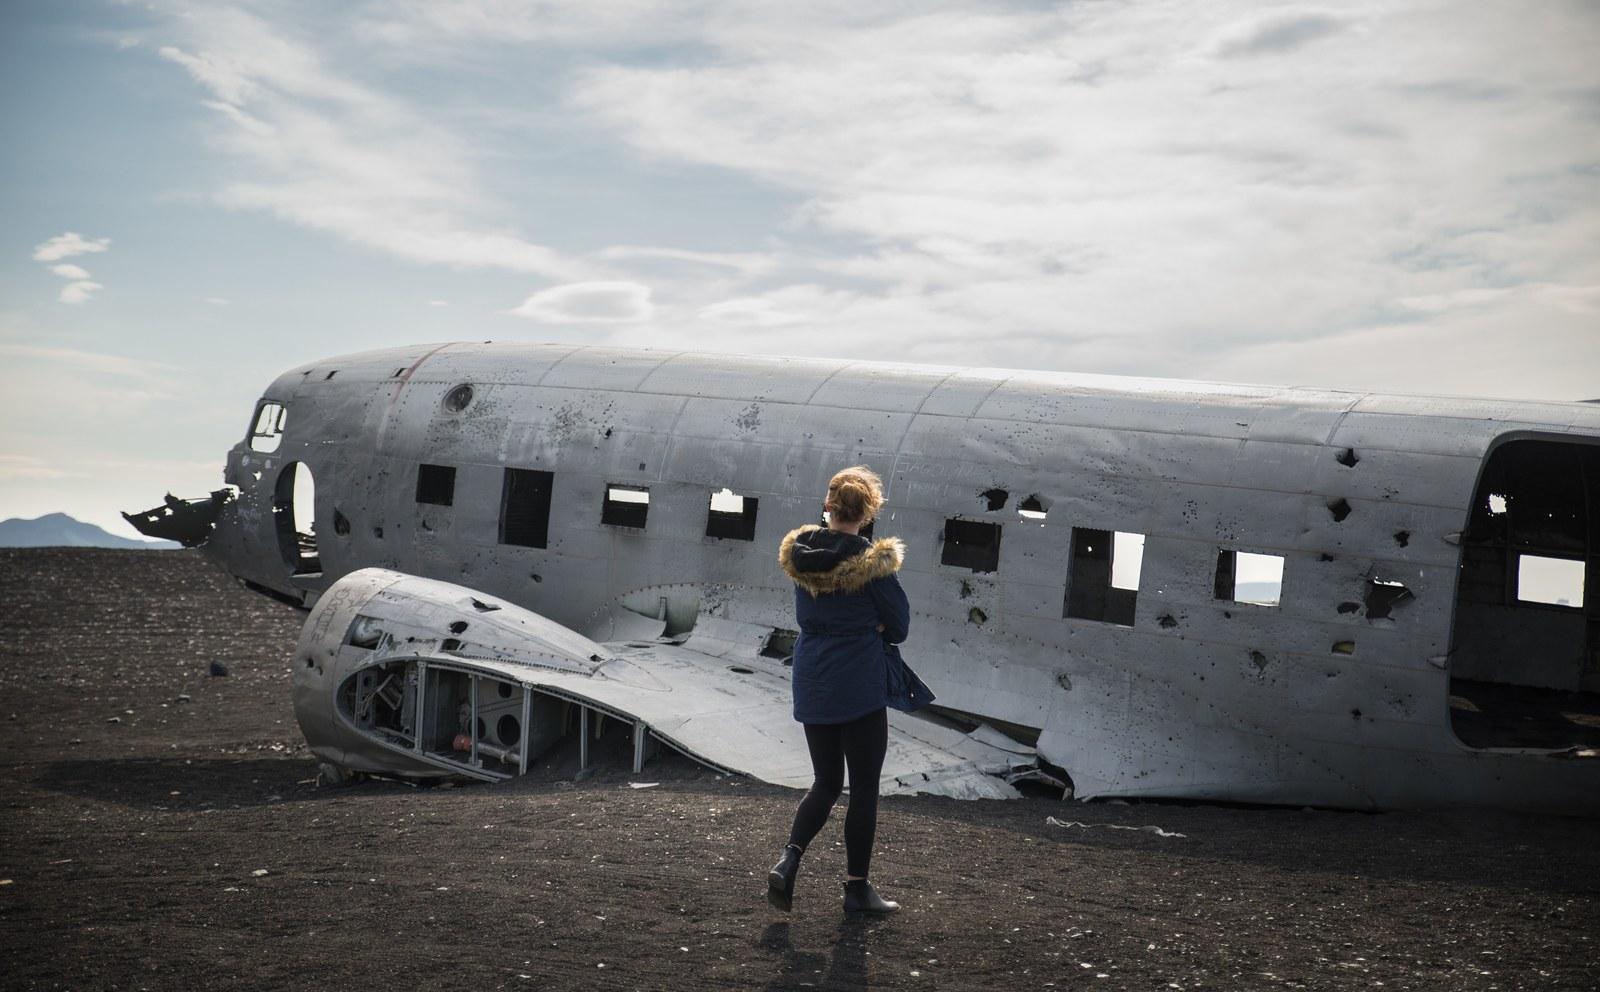 L 39 avion abandonn en islande for A l interieur de l avion